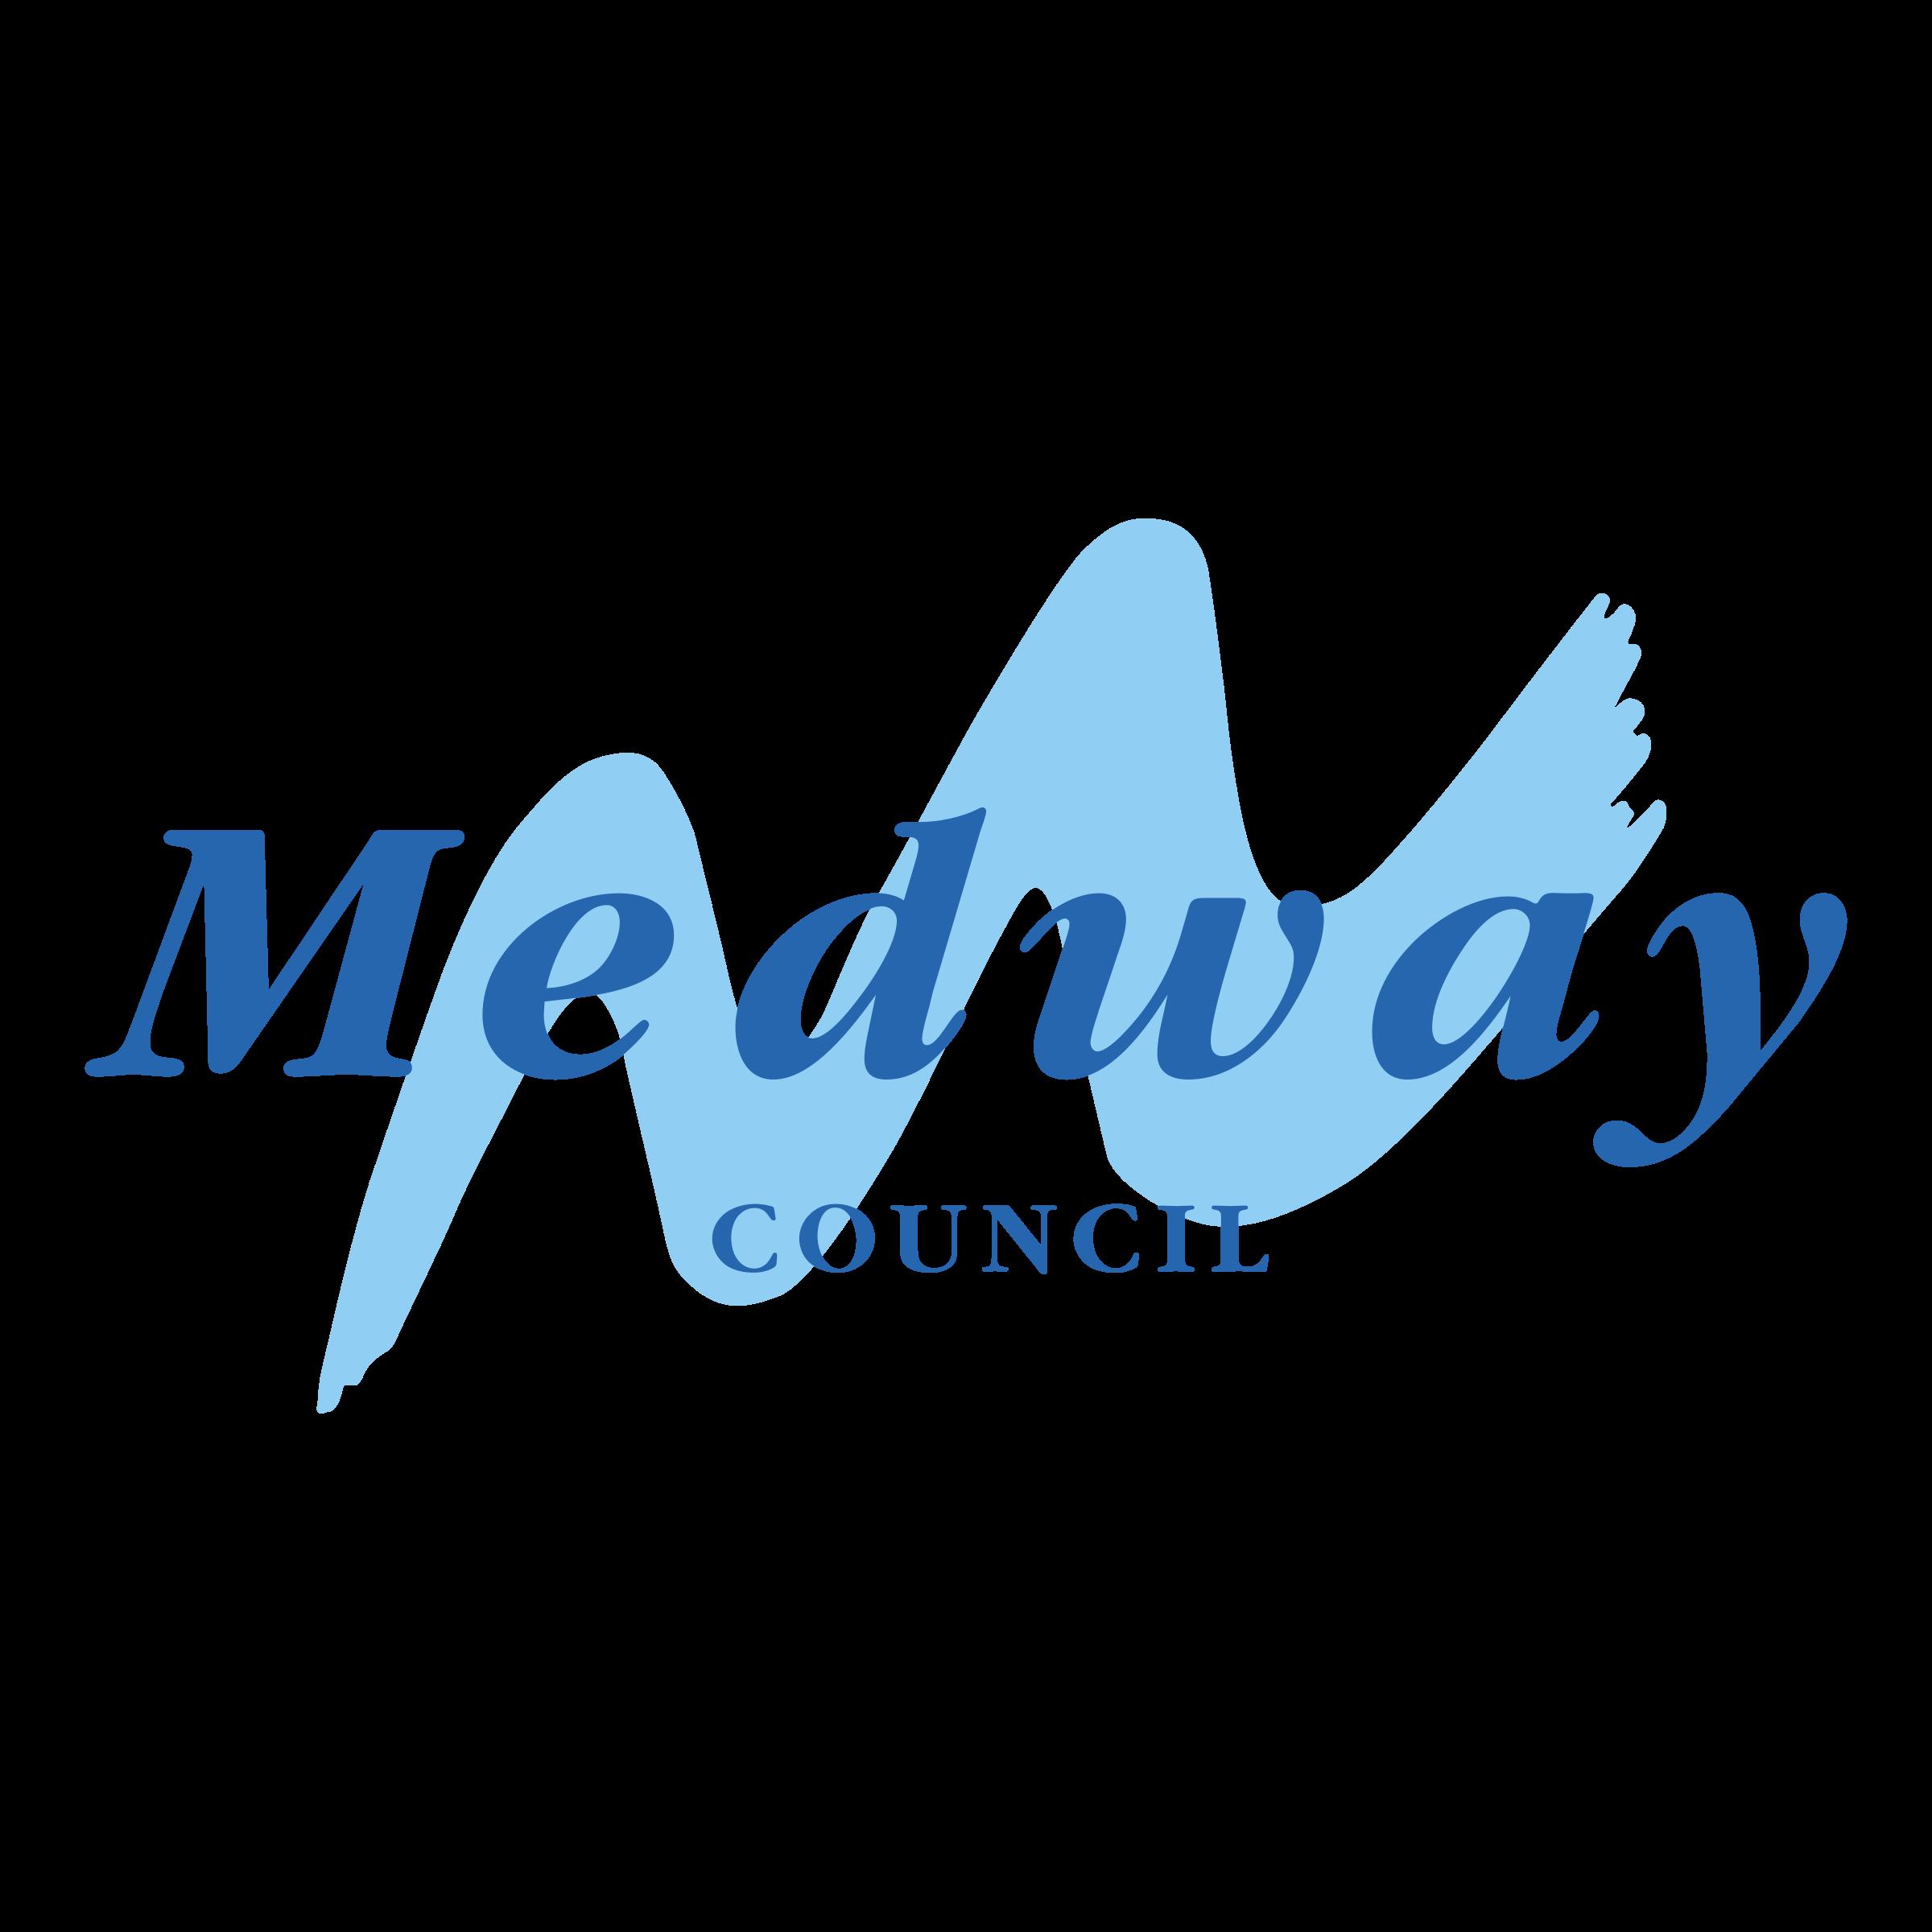 Image result for medway logo